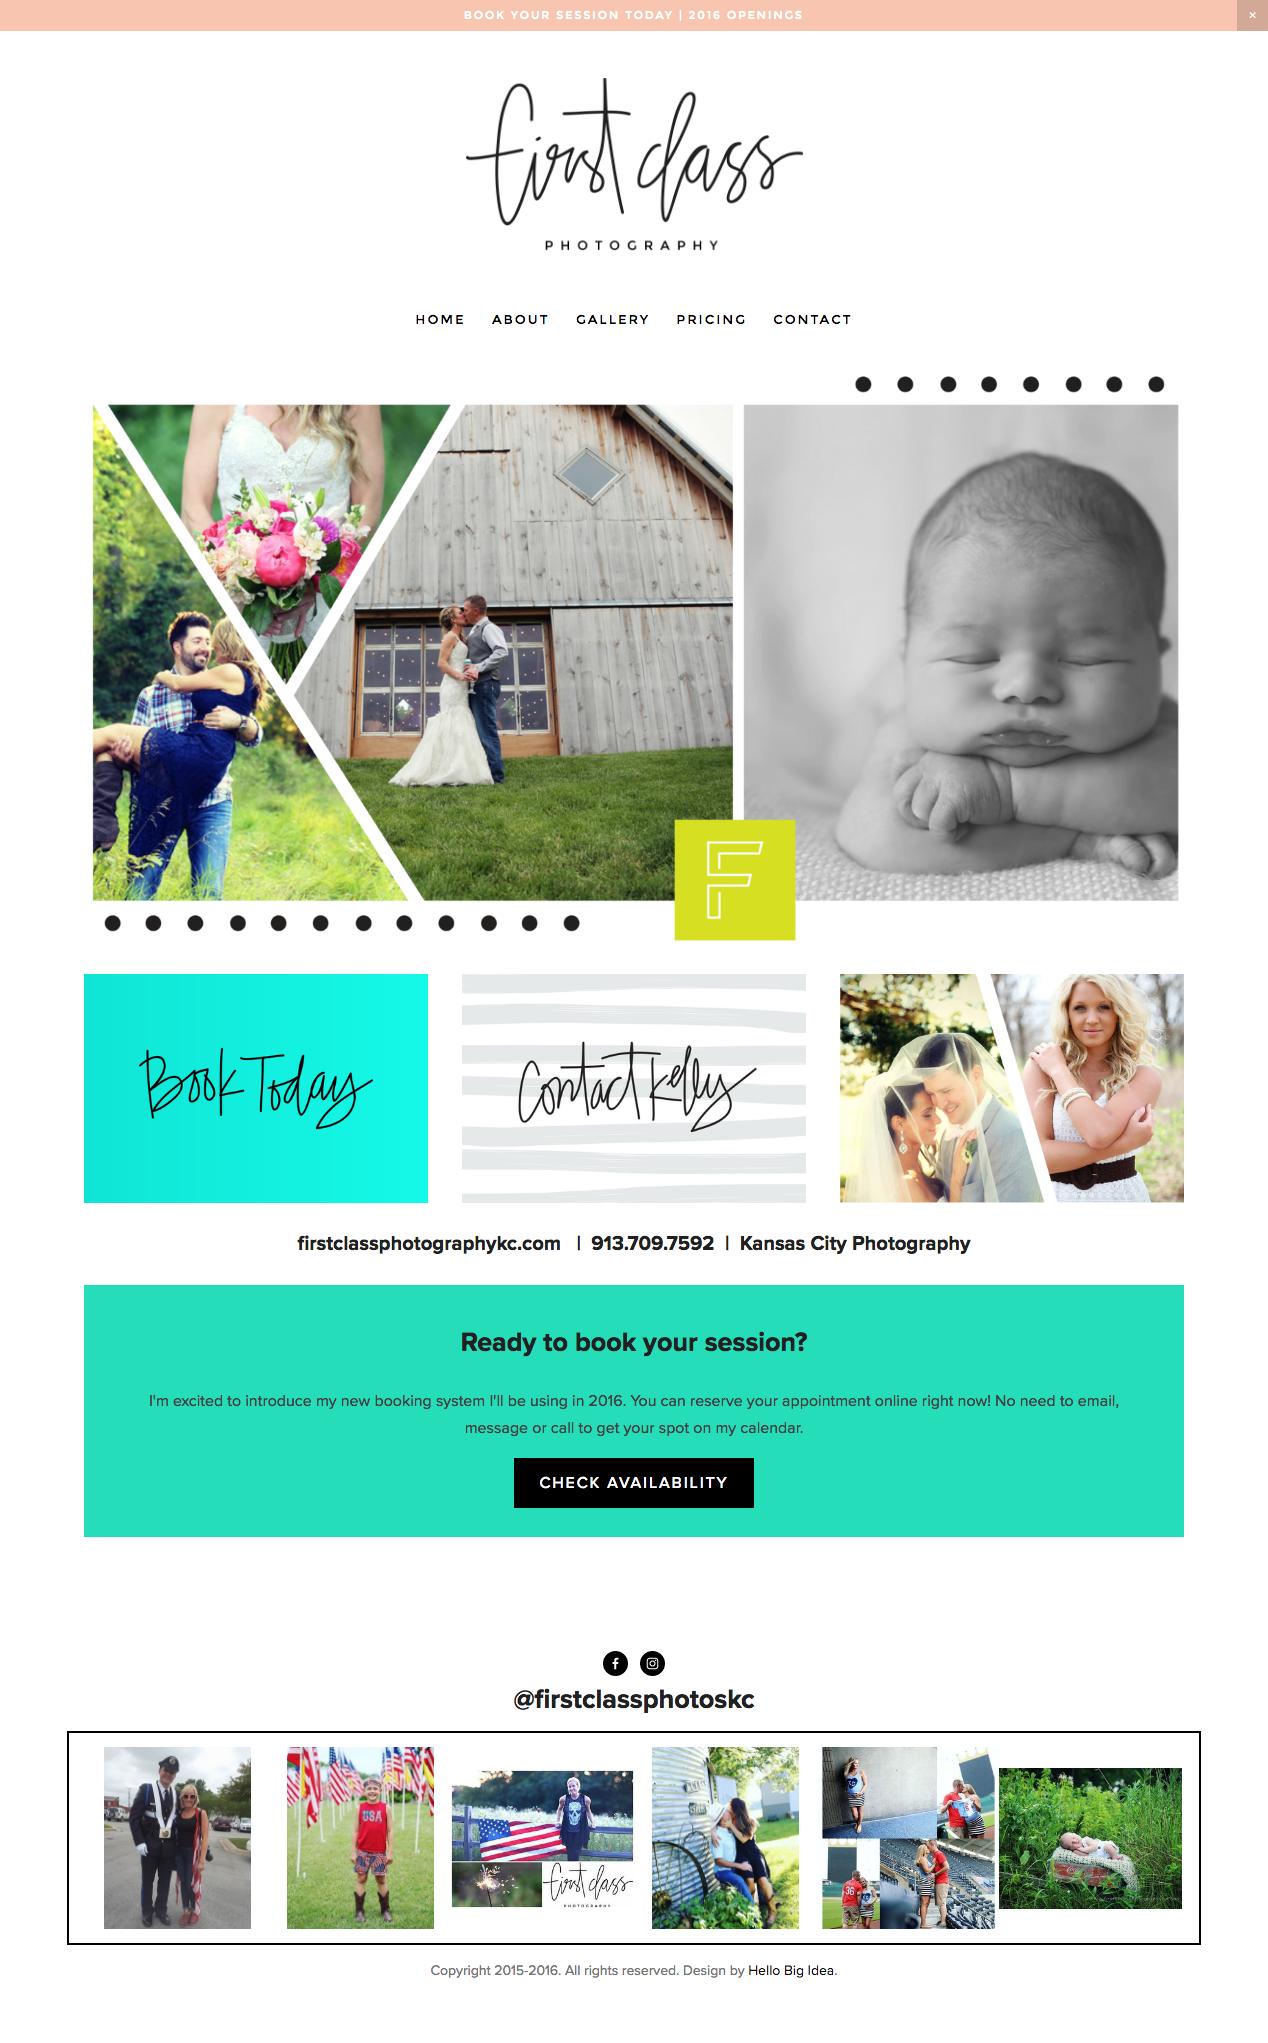 Squarespace Site For Firstclassphotographykc Com Branding And Design By Hellobigidea Com Creative Design Agency Web Layout Design Web Design